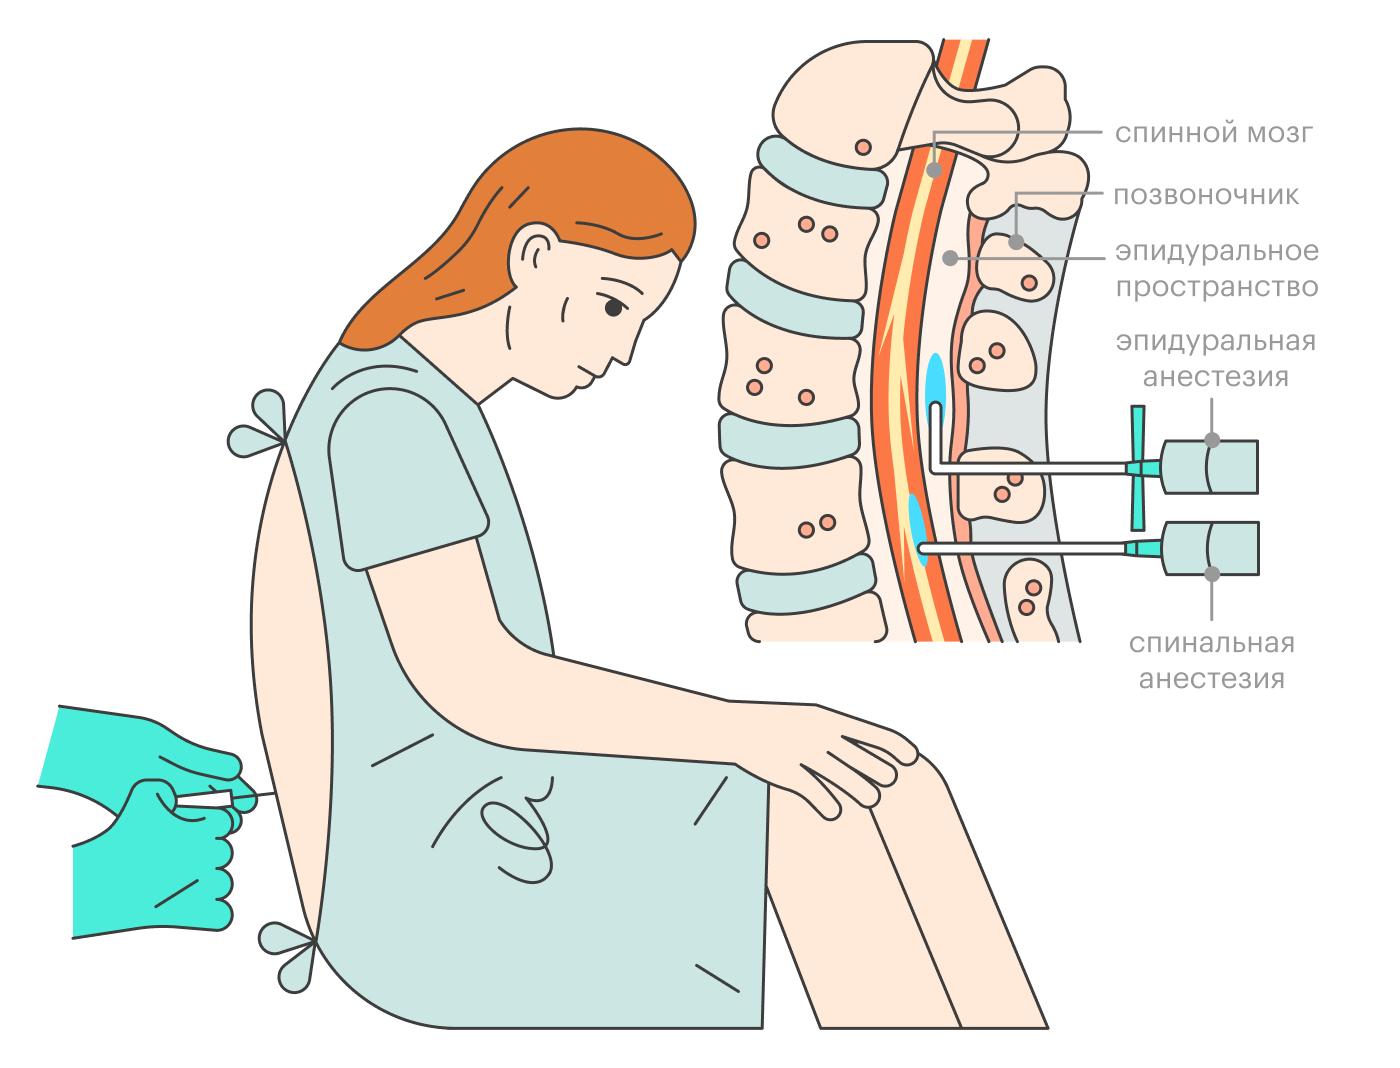 При эпидуральной анестезии врач оставляет на месте укола катетер, через который можно добавить анестетик. Спинальная анестезия — разовая процедура, ее действие продлить нельзя. Иногда врачи комбинируют оба варианта